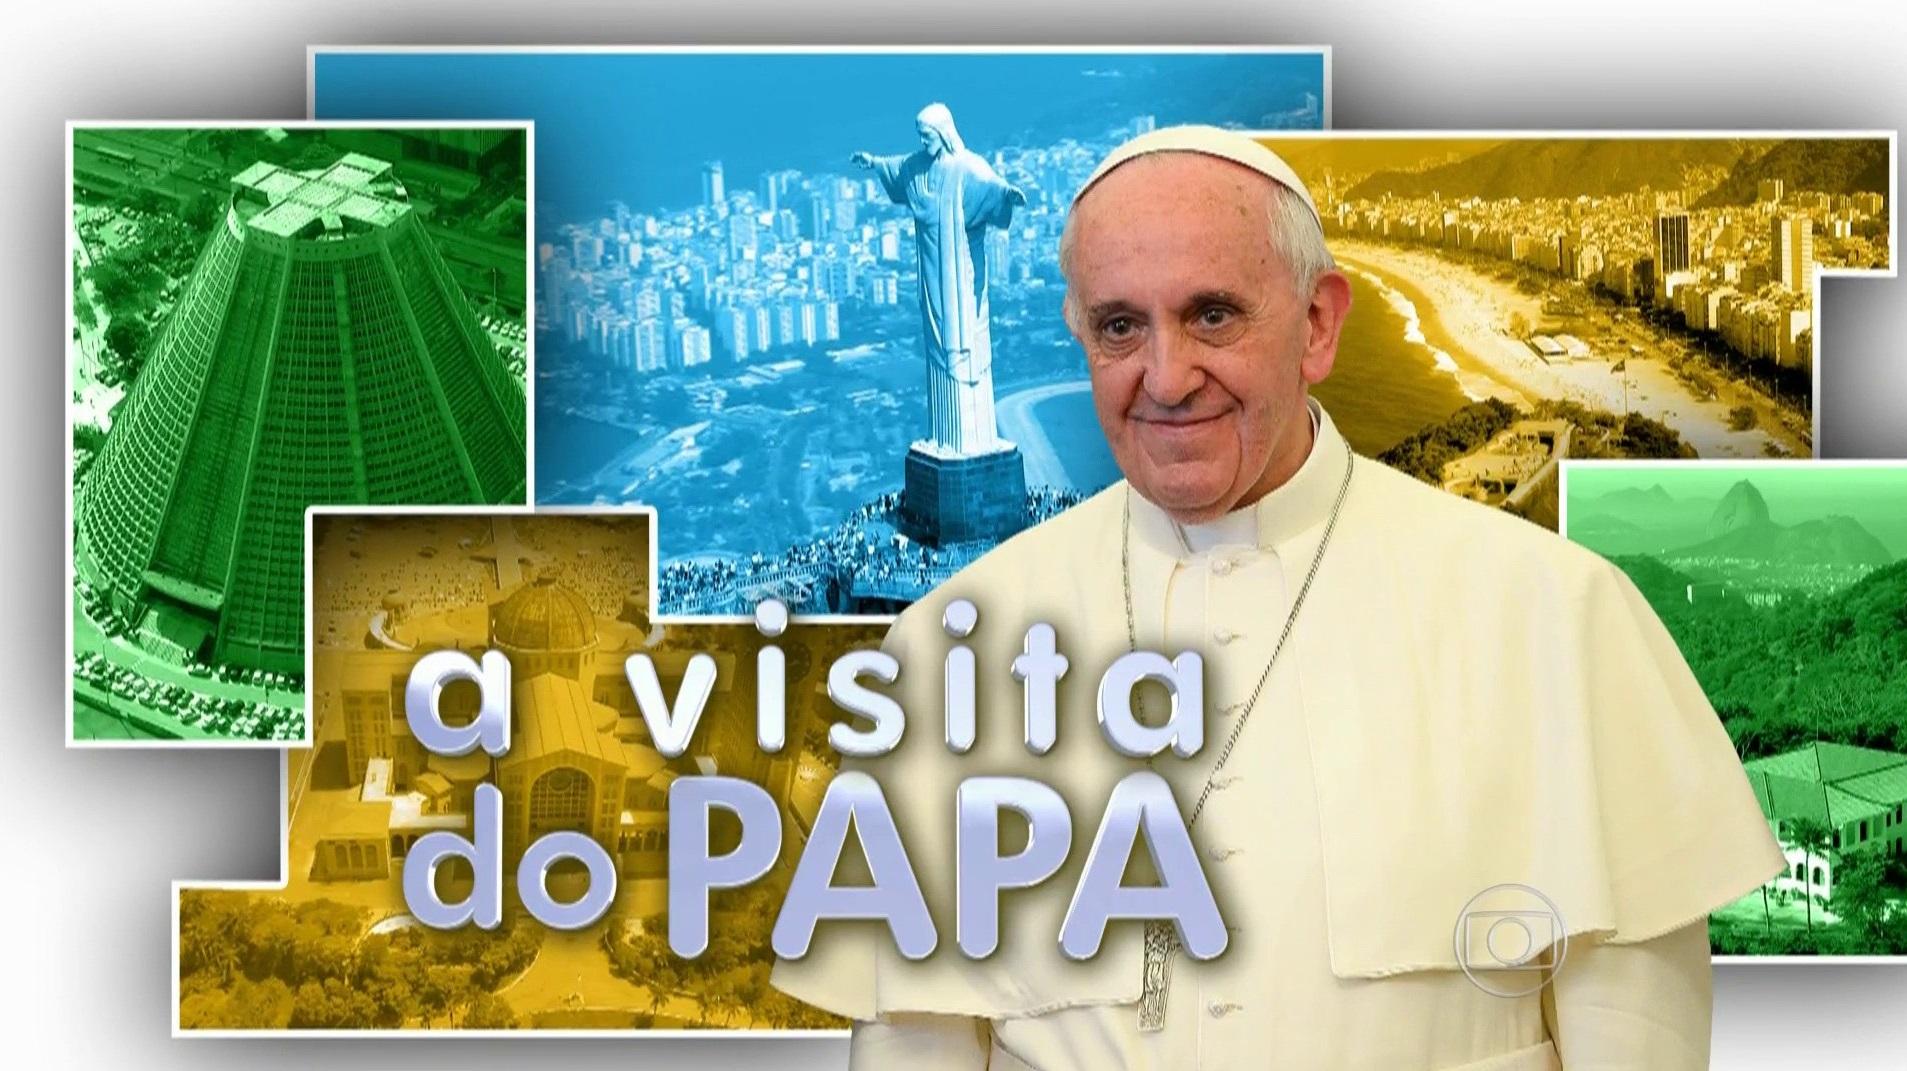 A-Visita-do-Papa-Rede-Globo